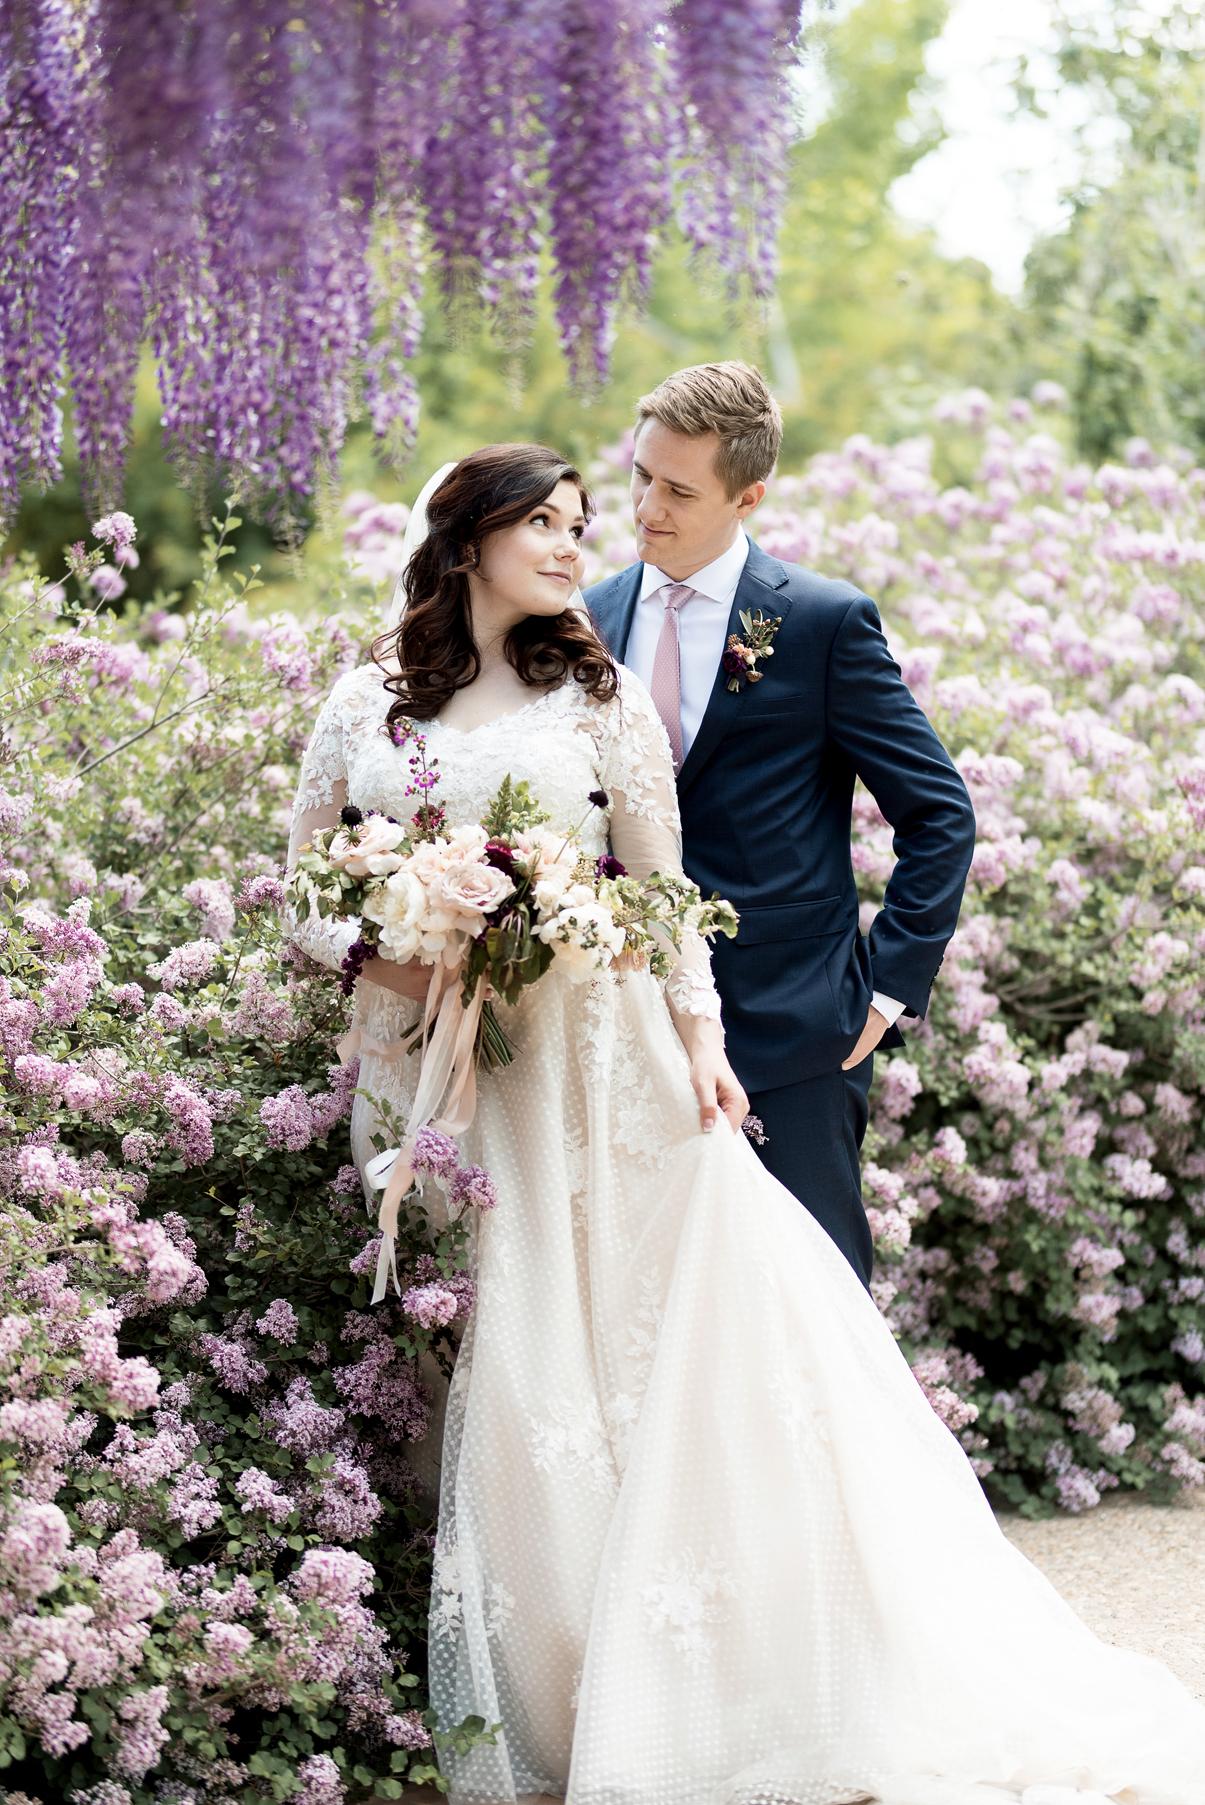 Spring Wedding at Red Butte Gardens | Elisha Braithwaite Photography